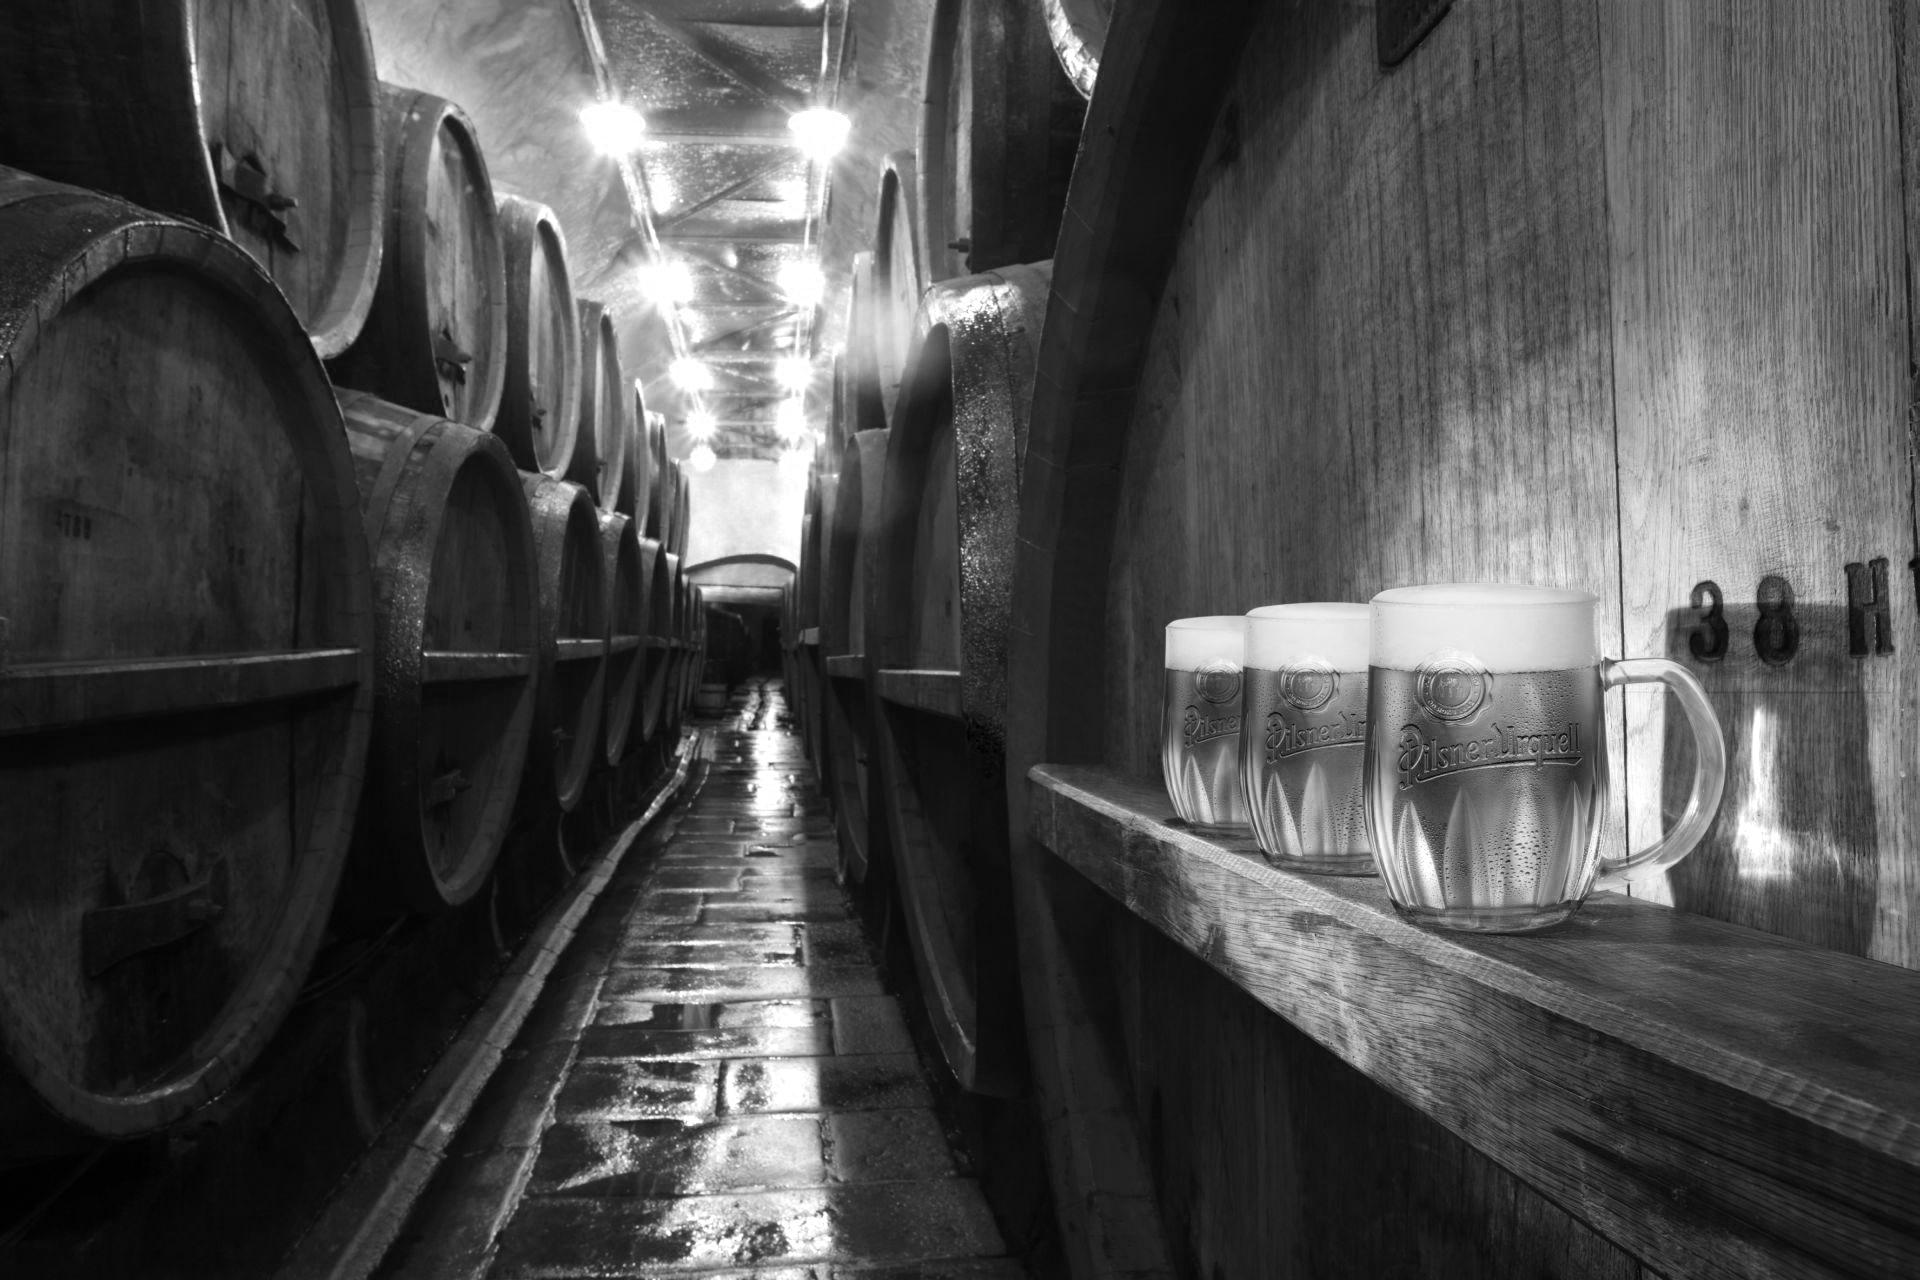 Pilsner - Czech Beer